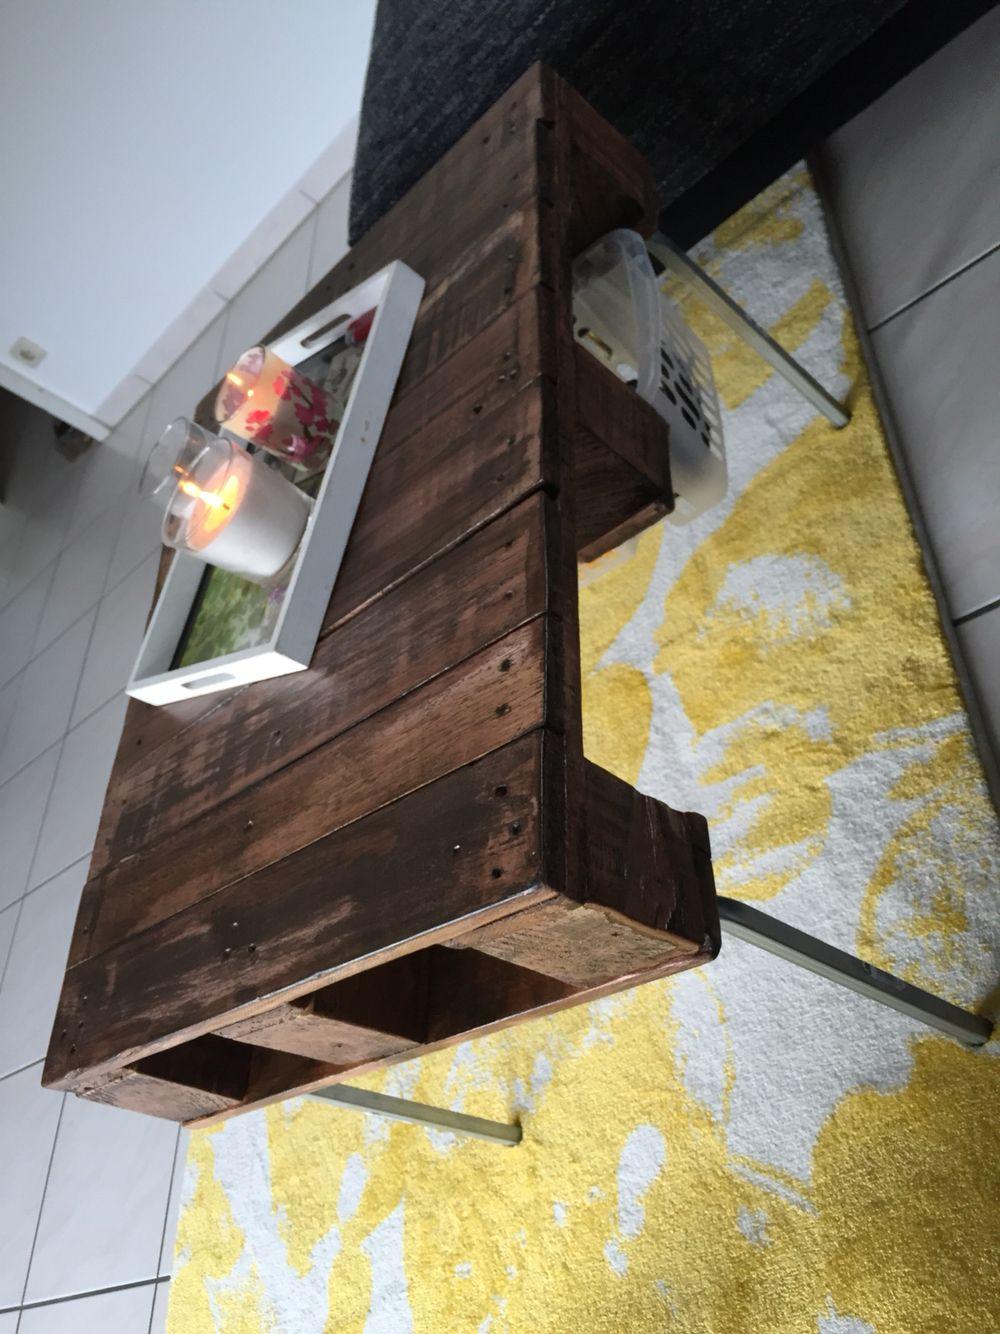 paletten tisch, diy, wohnzimmertisch. | diy living | pinterest